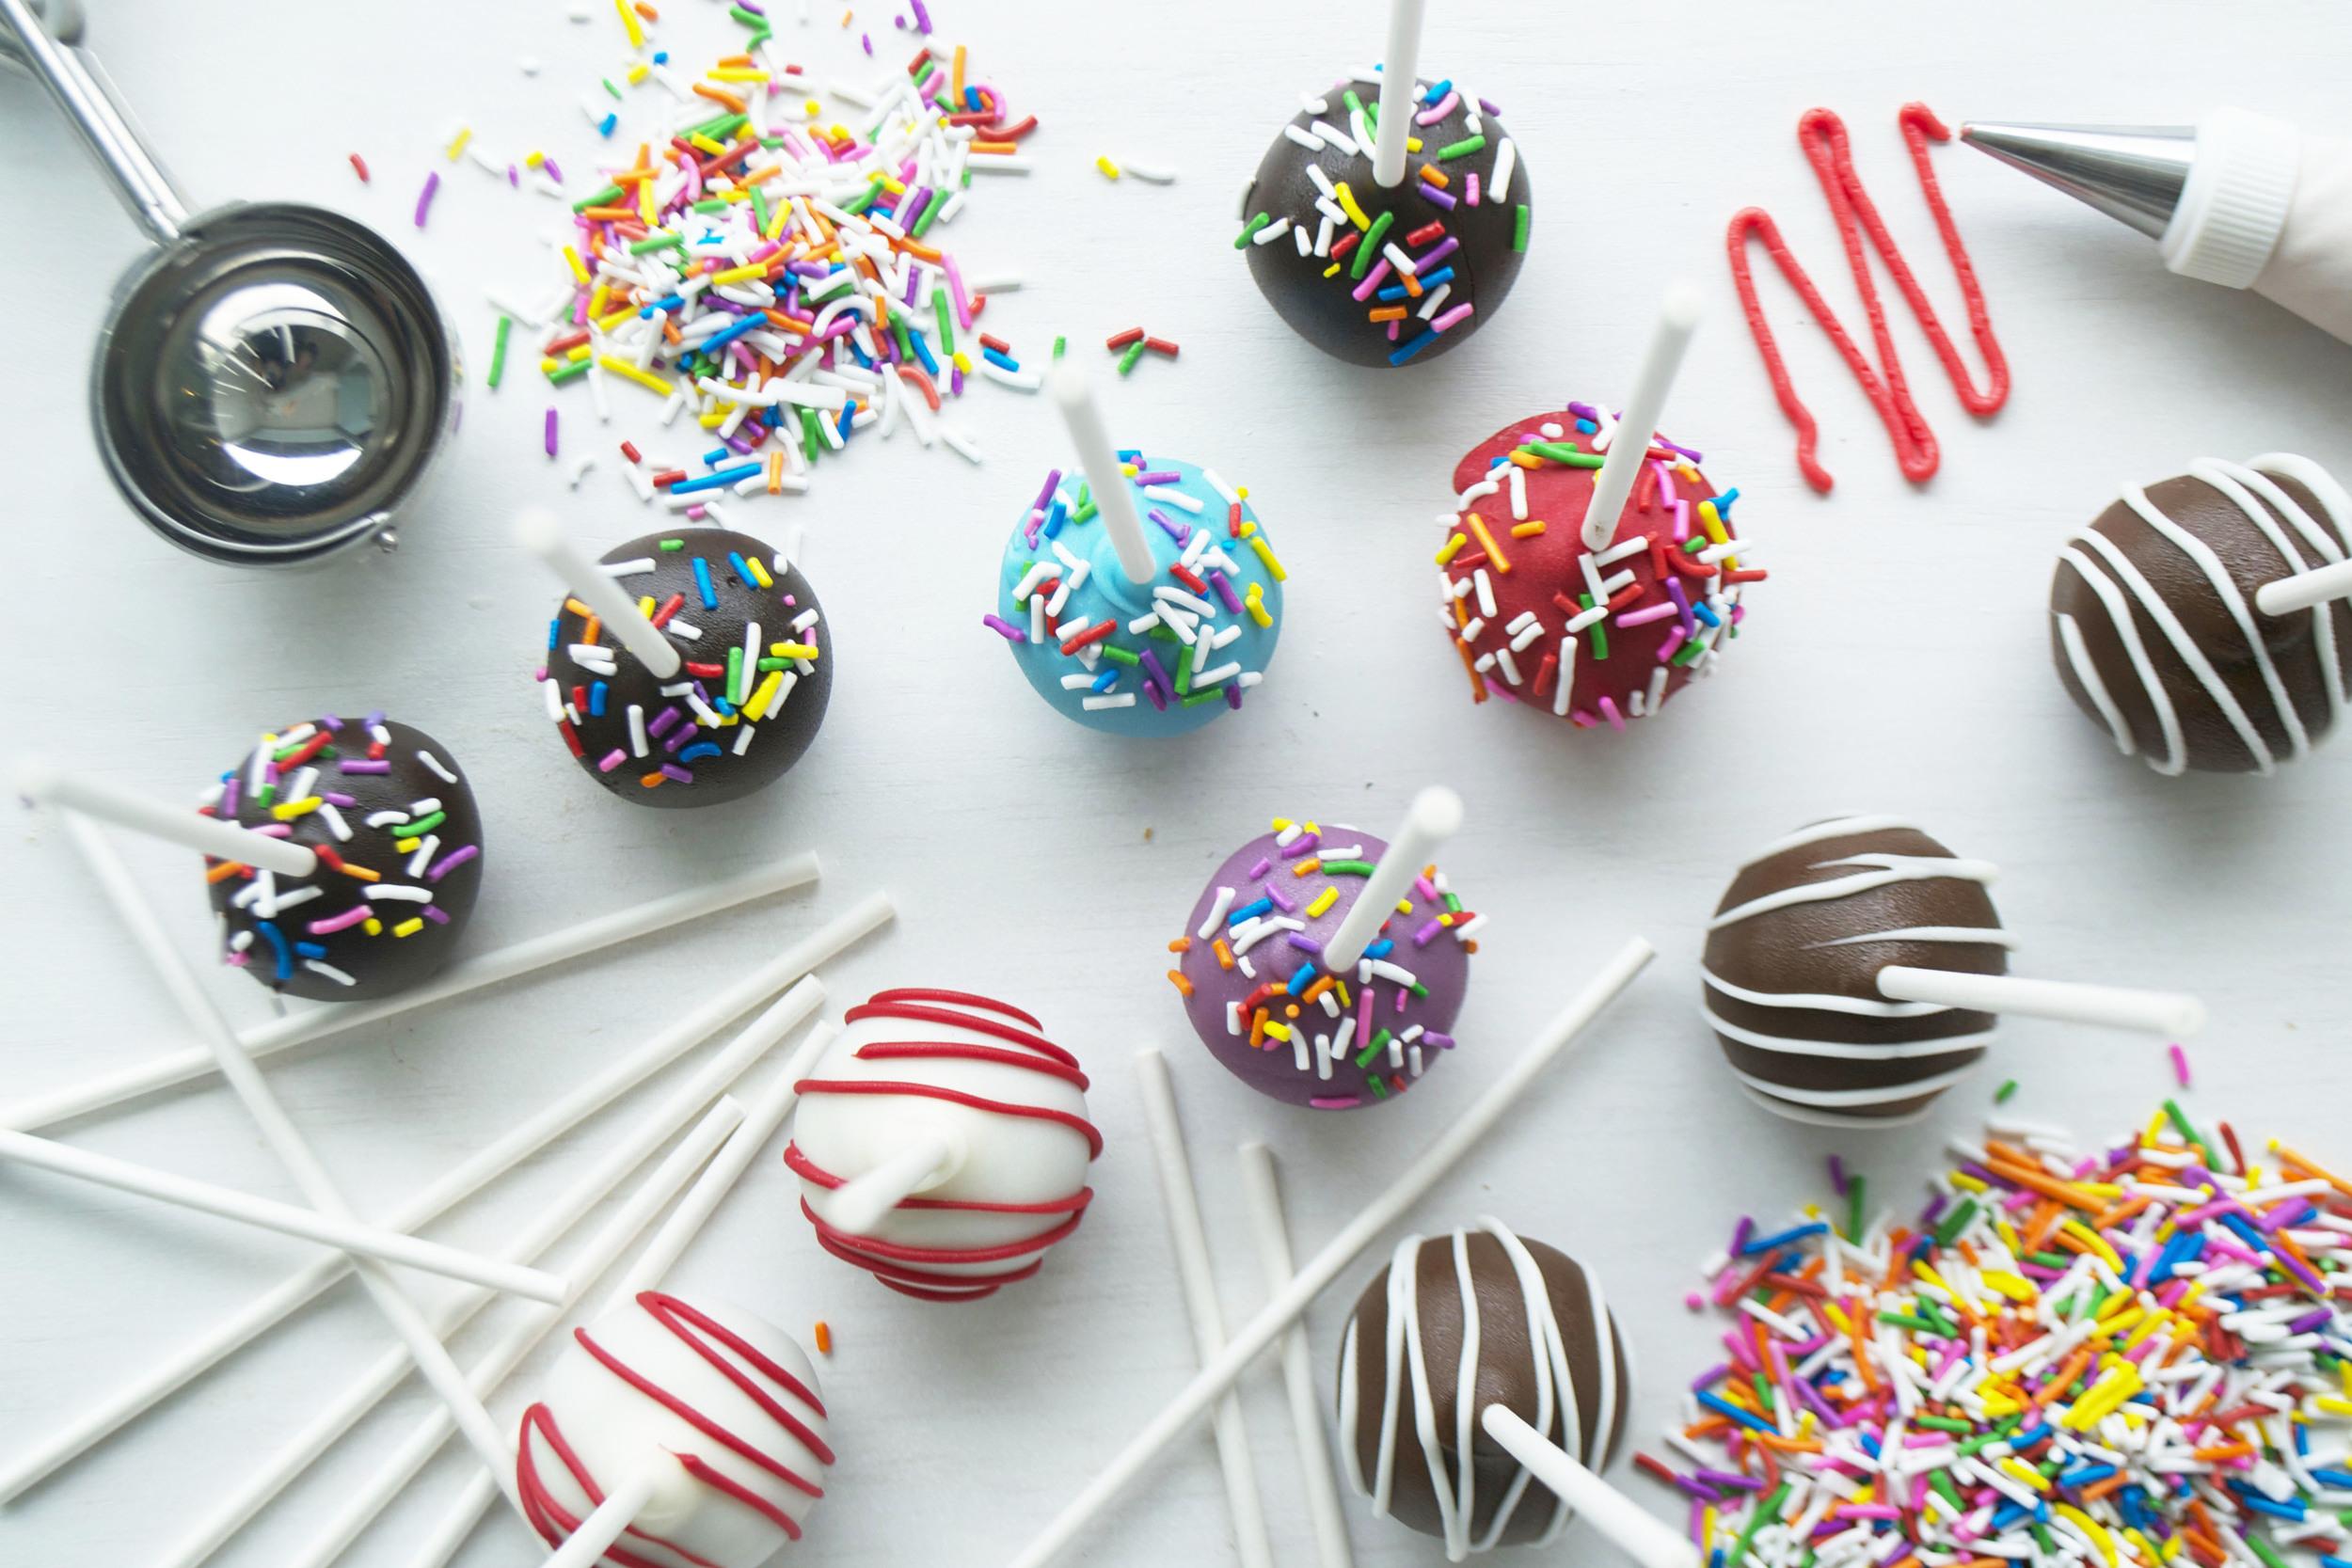 bake+sale+toronto+cake+pops+ingredients+icing?format=2500w